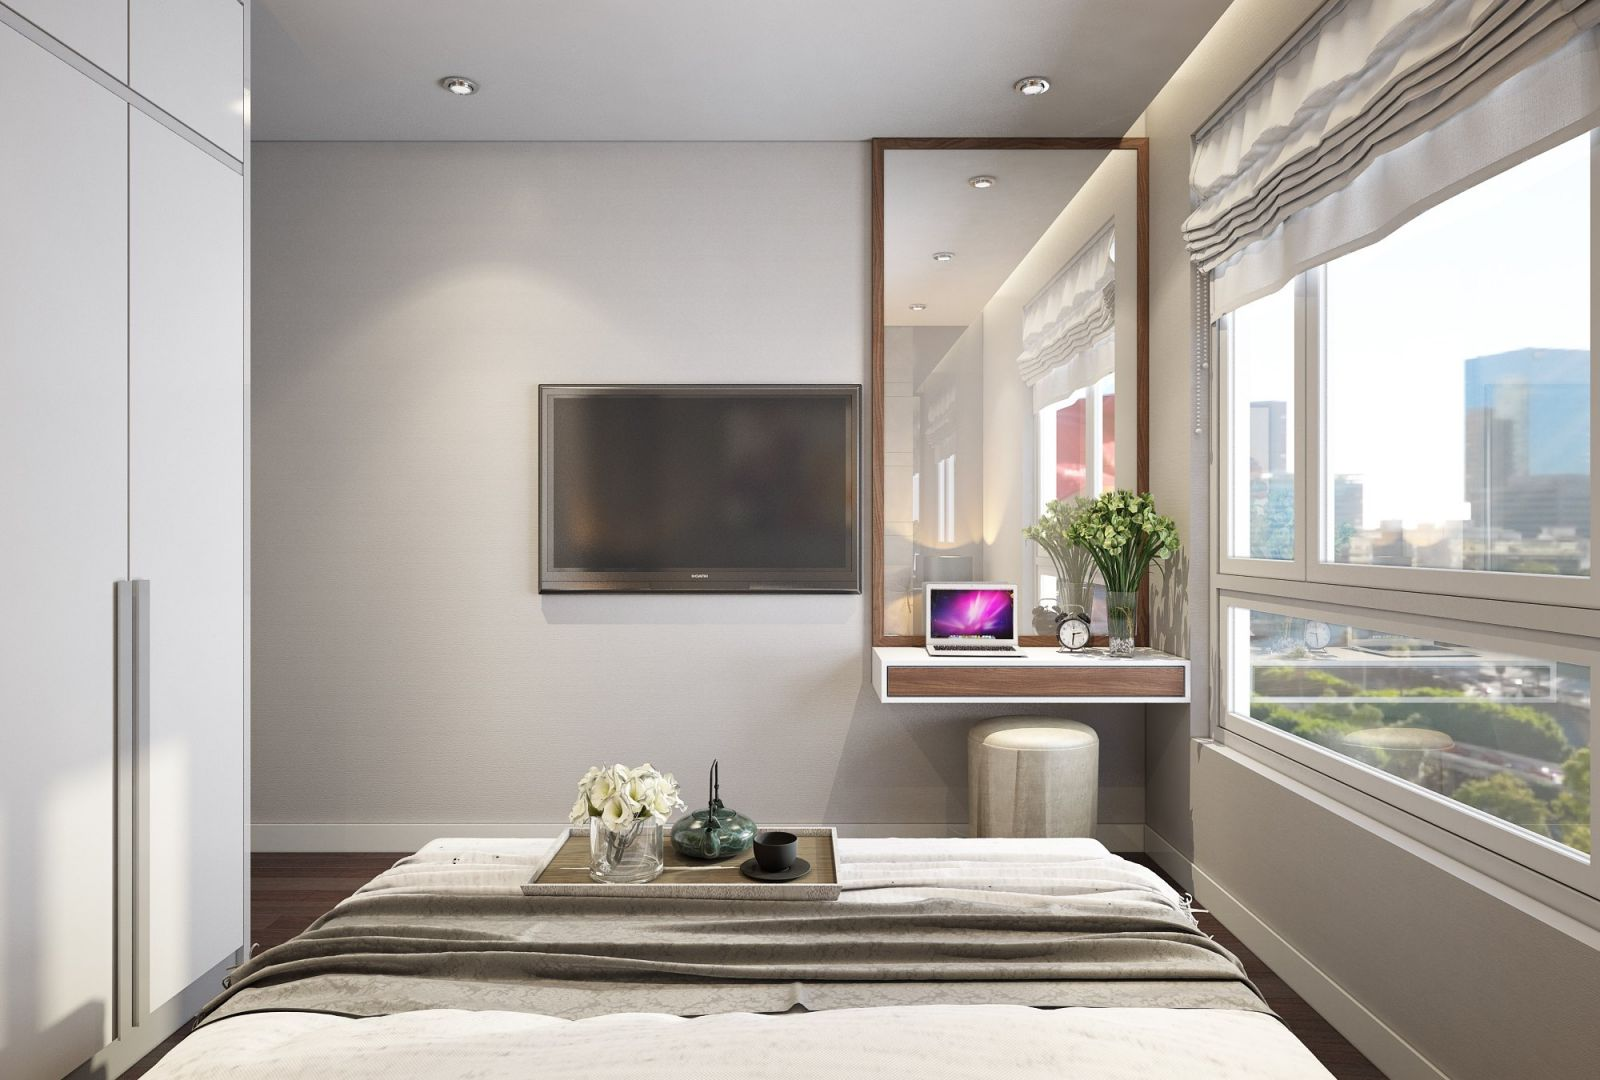 Khu căn hộ cao cấp Opal Skyview môi trường thoải mái nơi lý tưởng